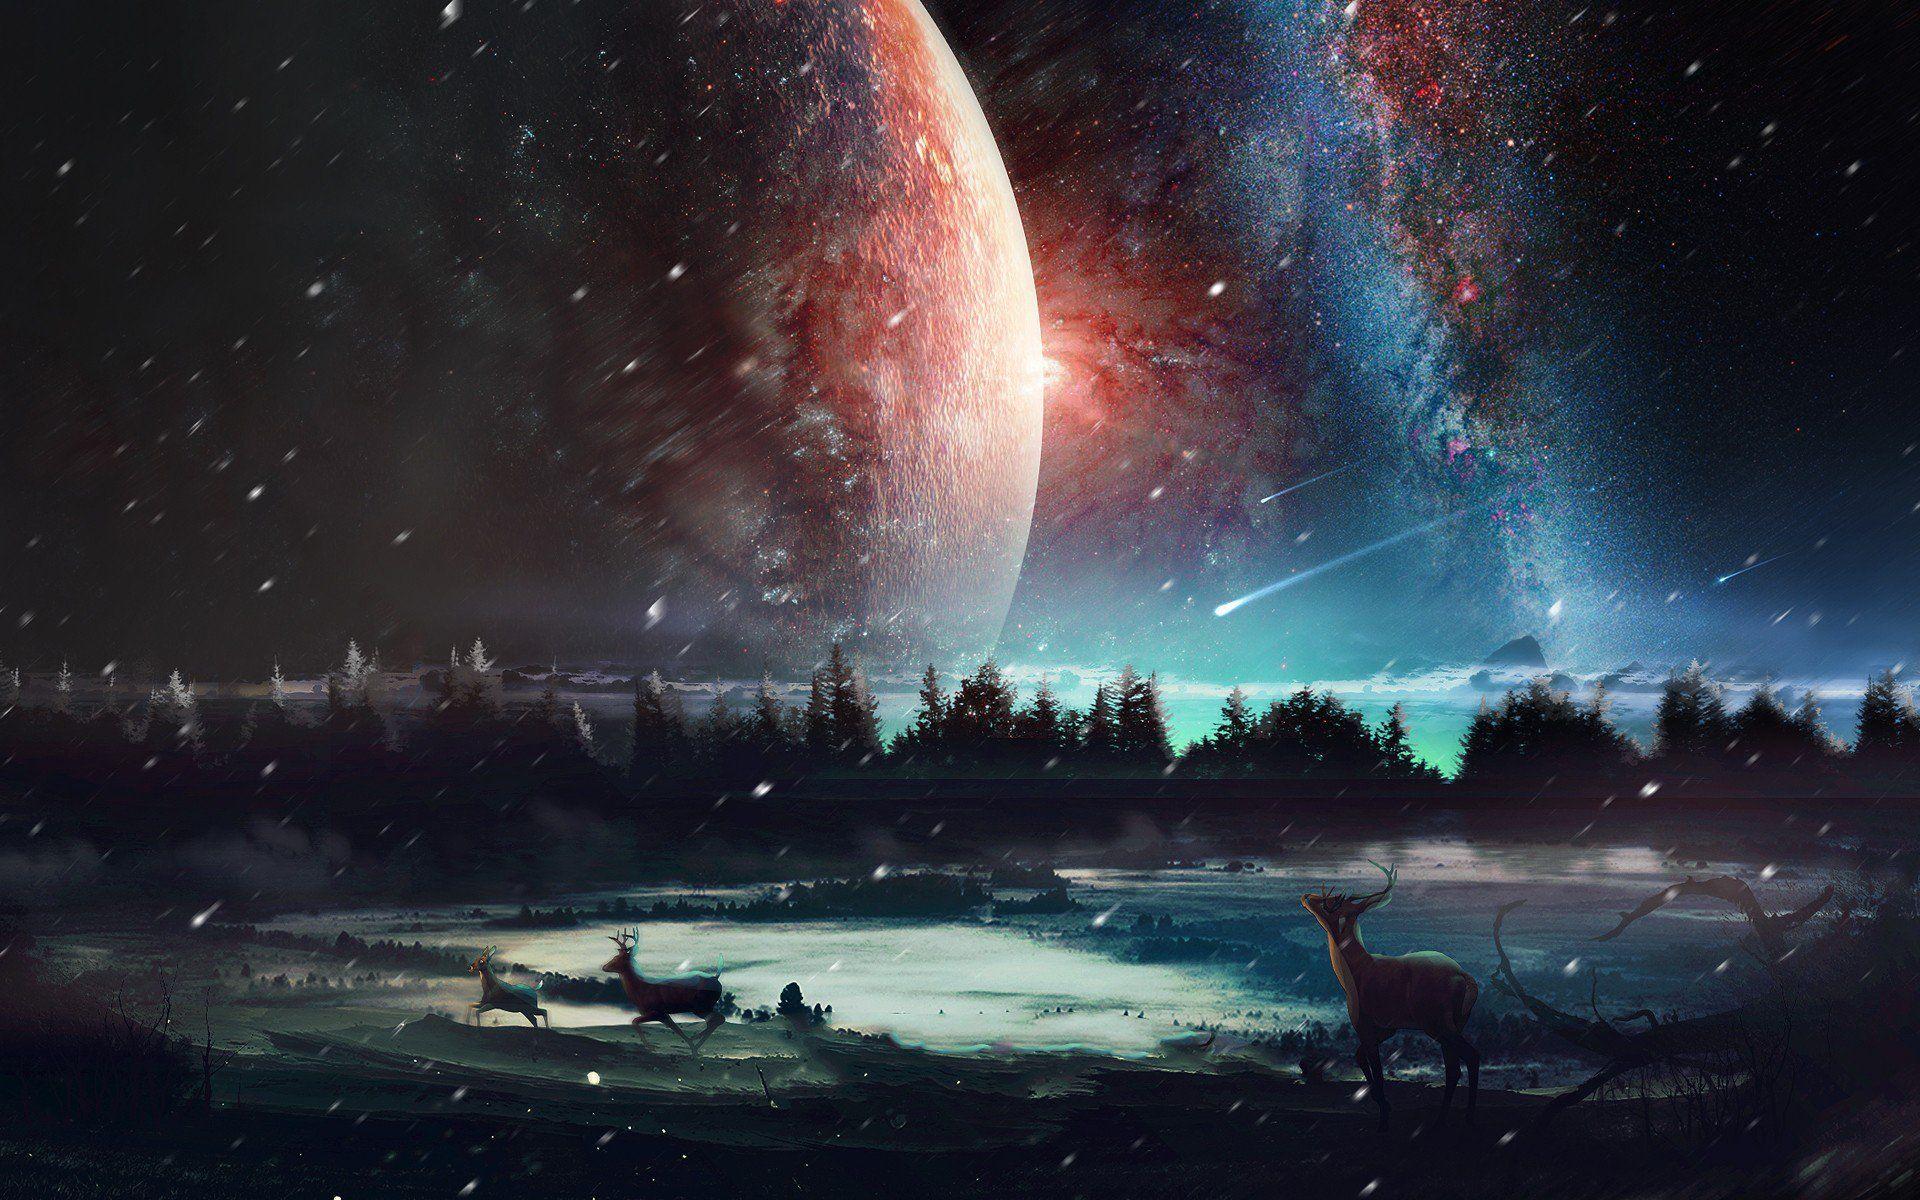 Universe Scenery Hd Wallpaper 4k Https Livewallpaperswide Com Space Universe Scenery Hd Wallpaper 4k 9041 4k 5k 8k Planets Wallpaper Scenery Space Artwork